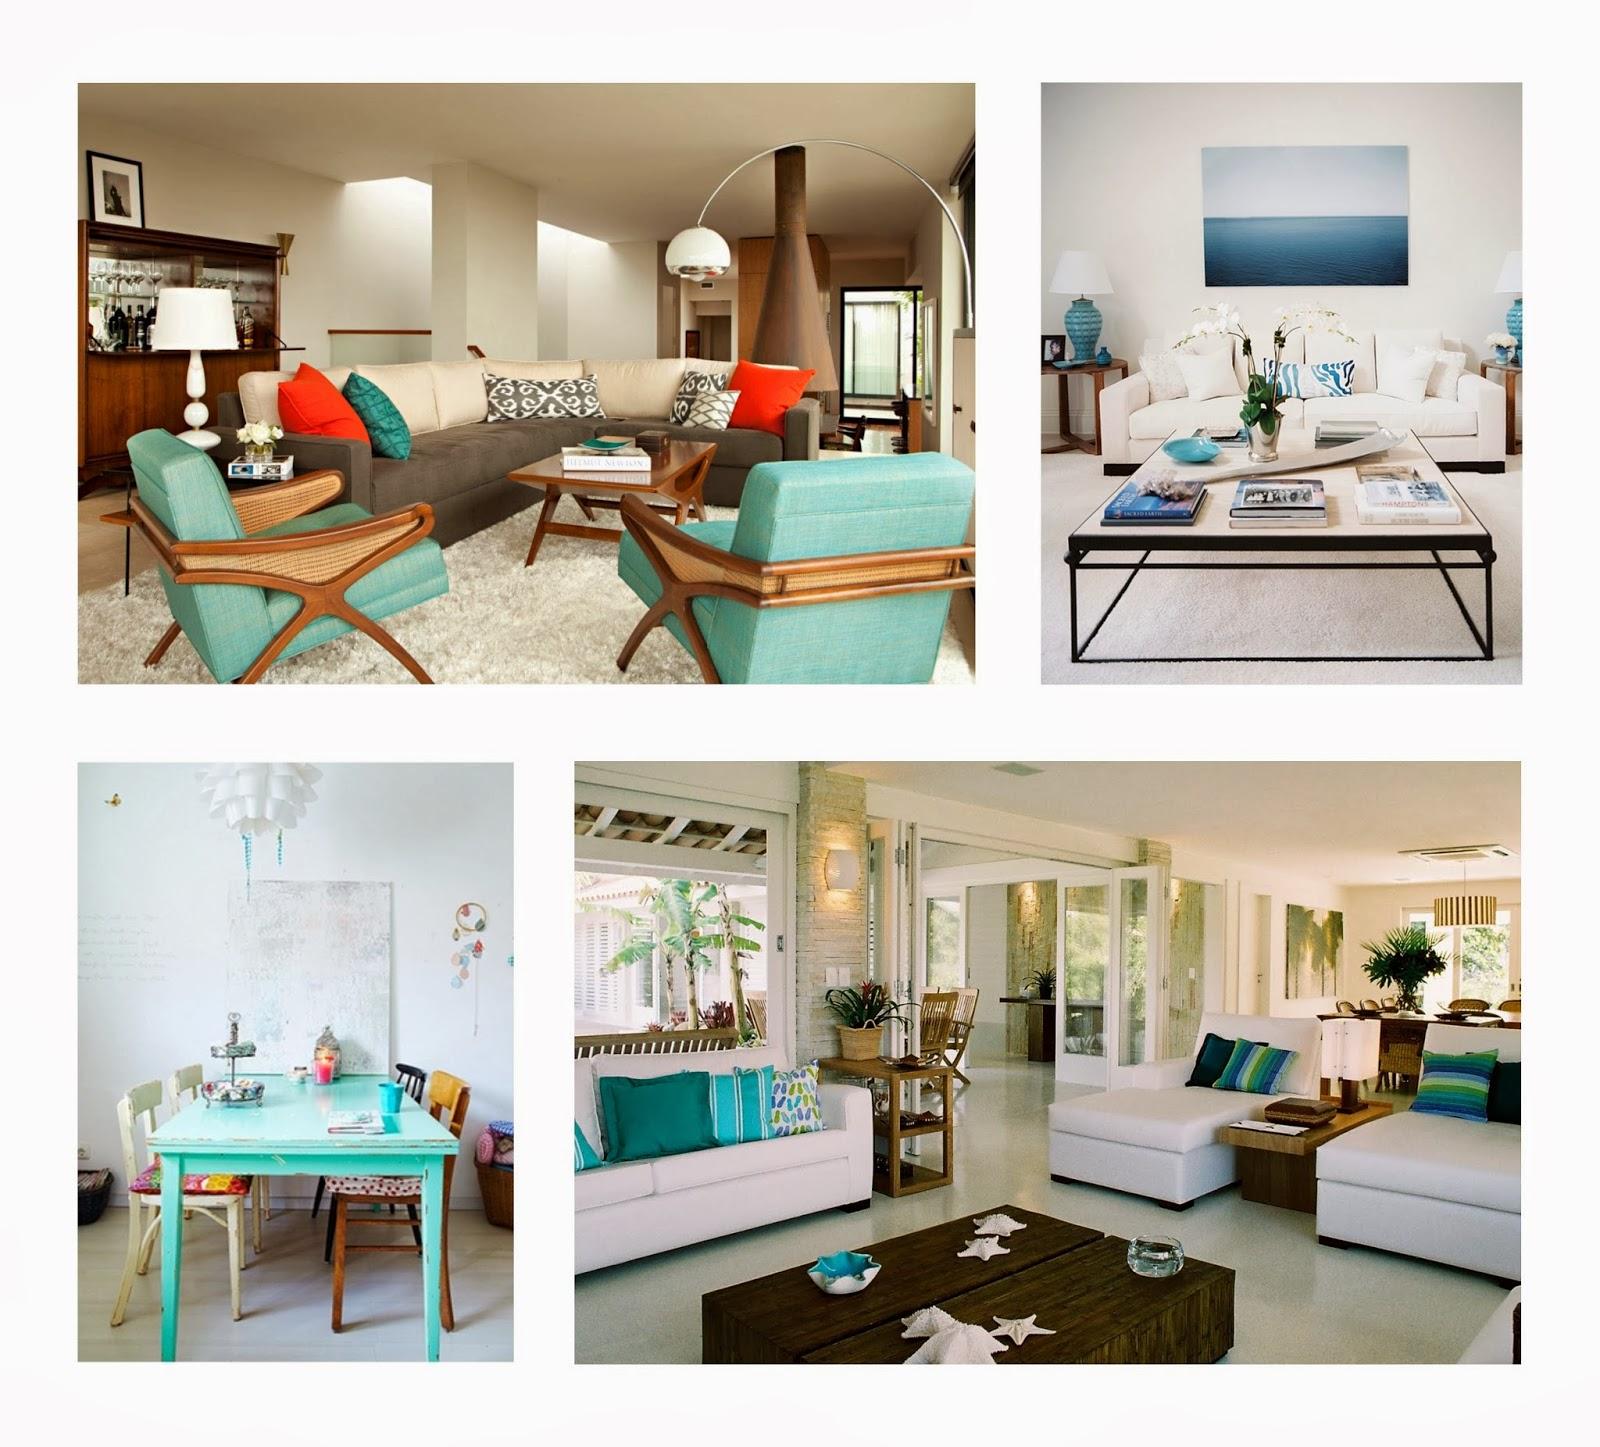 #694124 Sustentabilidade Em Cores: Azul turquesa na decoração 1600x1447 píxeis em Cor Verde Para Sala De Estar